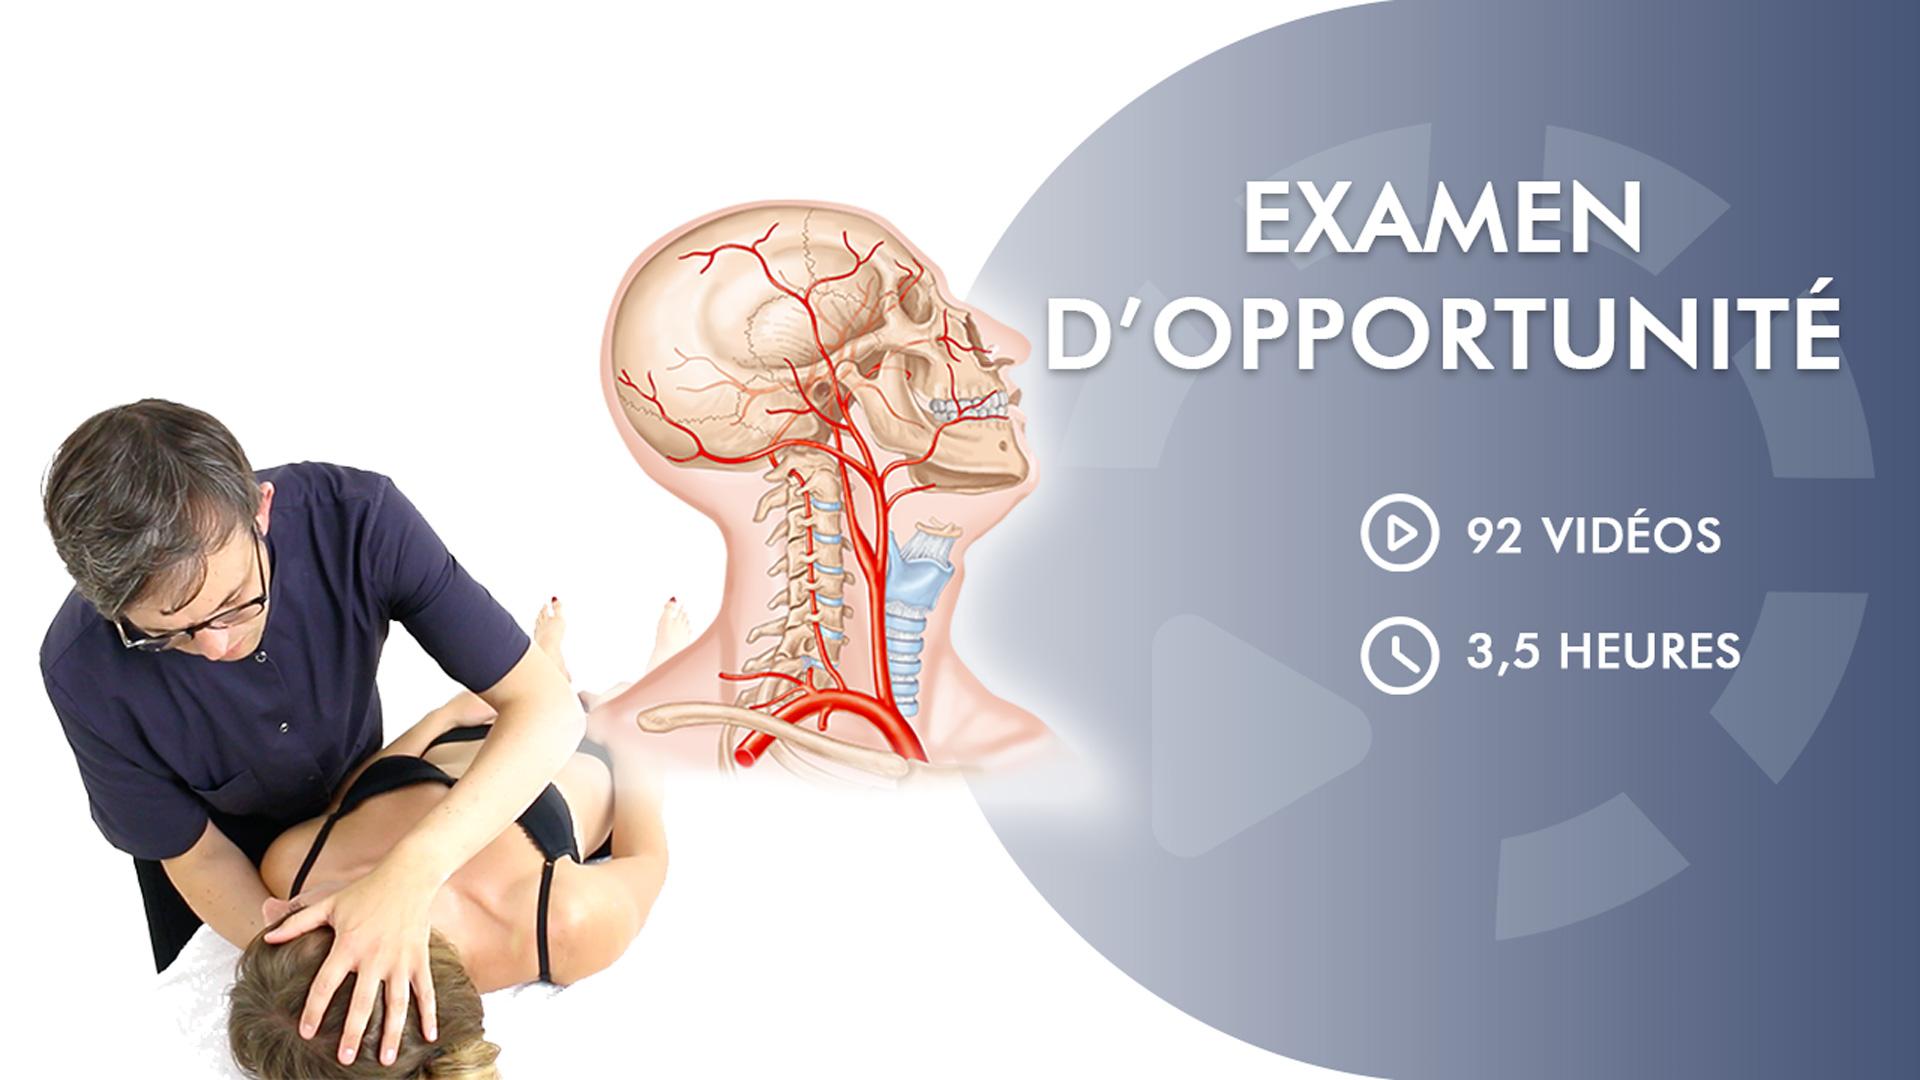 Examen d'opportunité